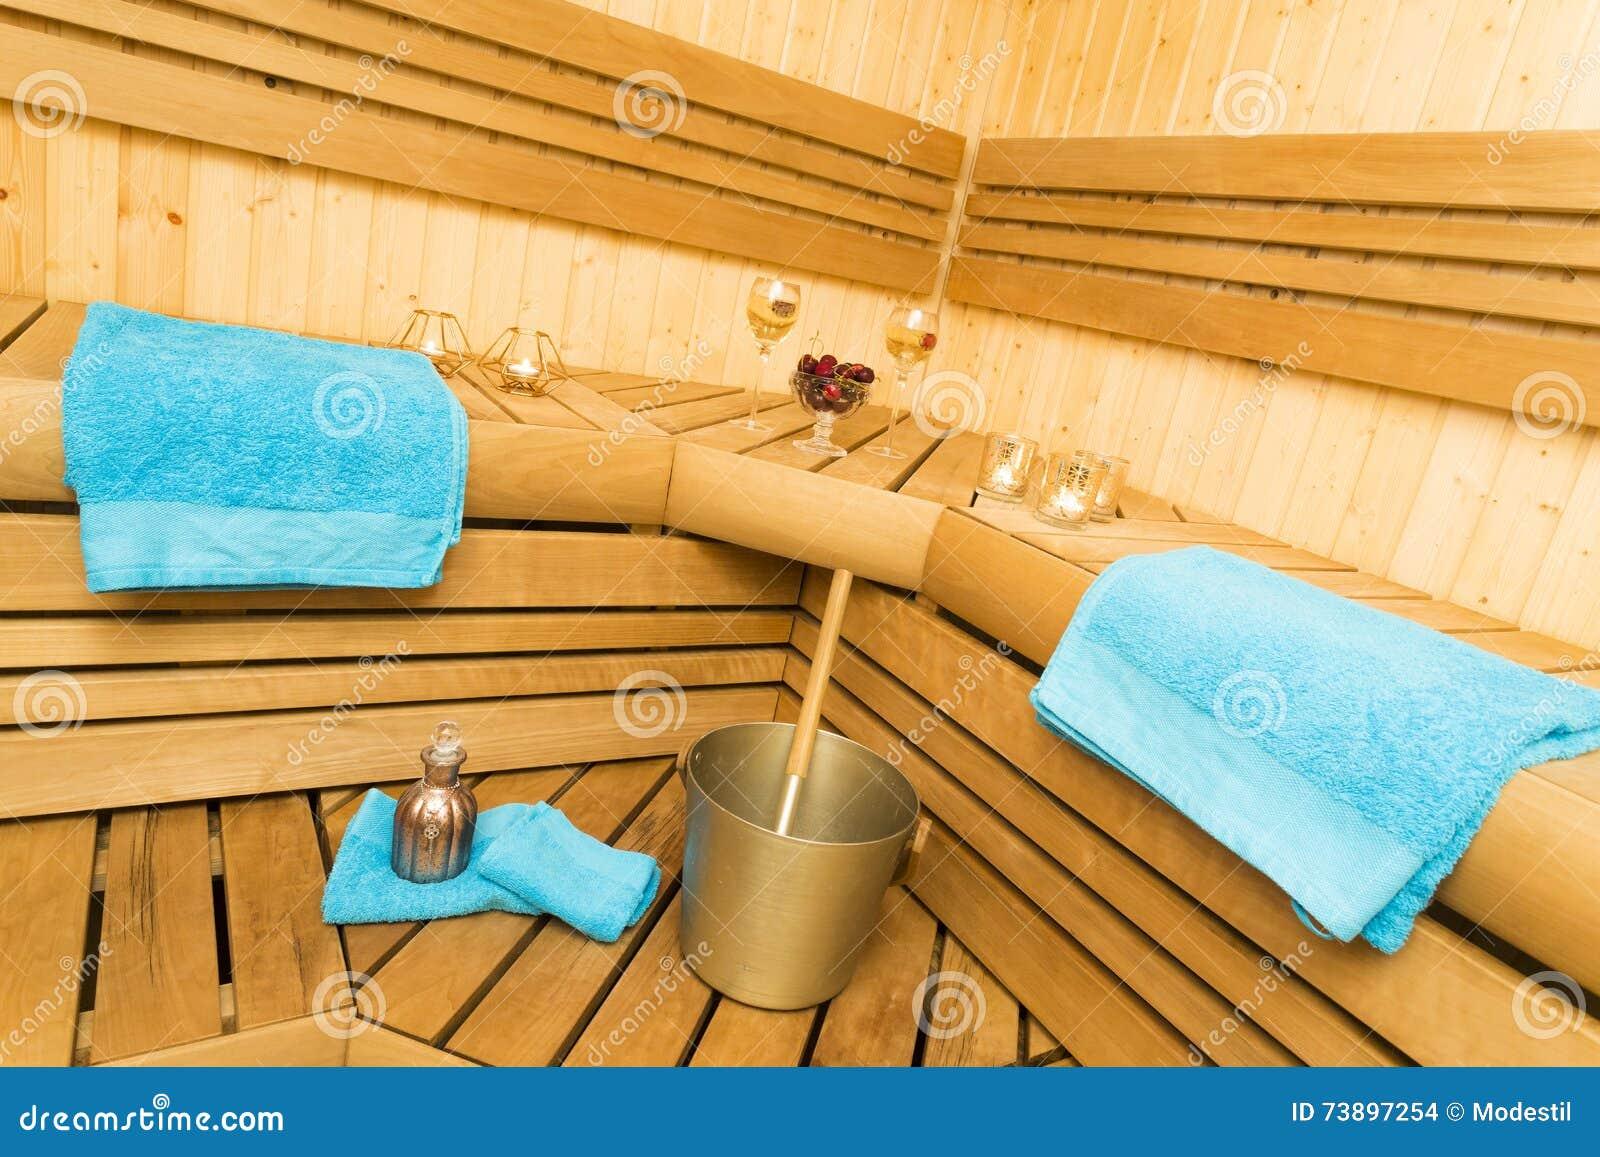 erotikbutik spa och massage